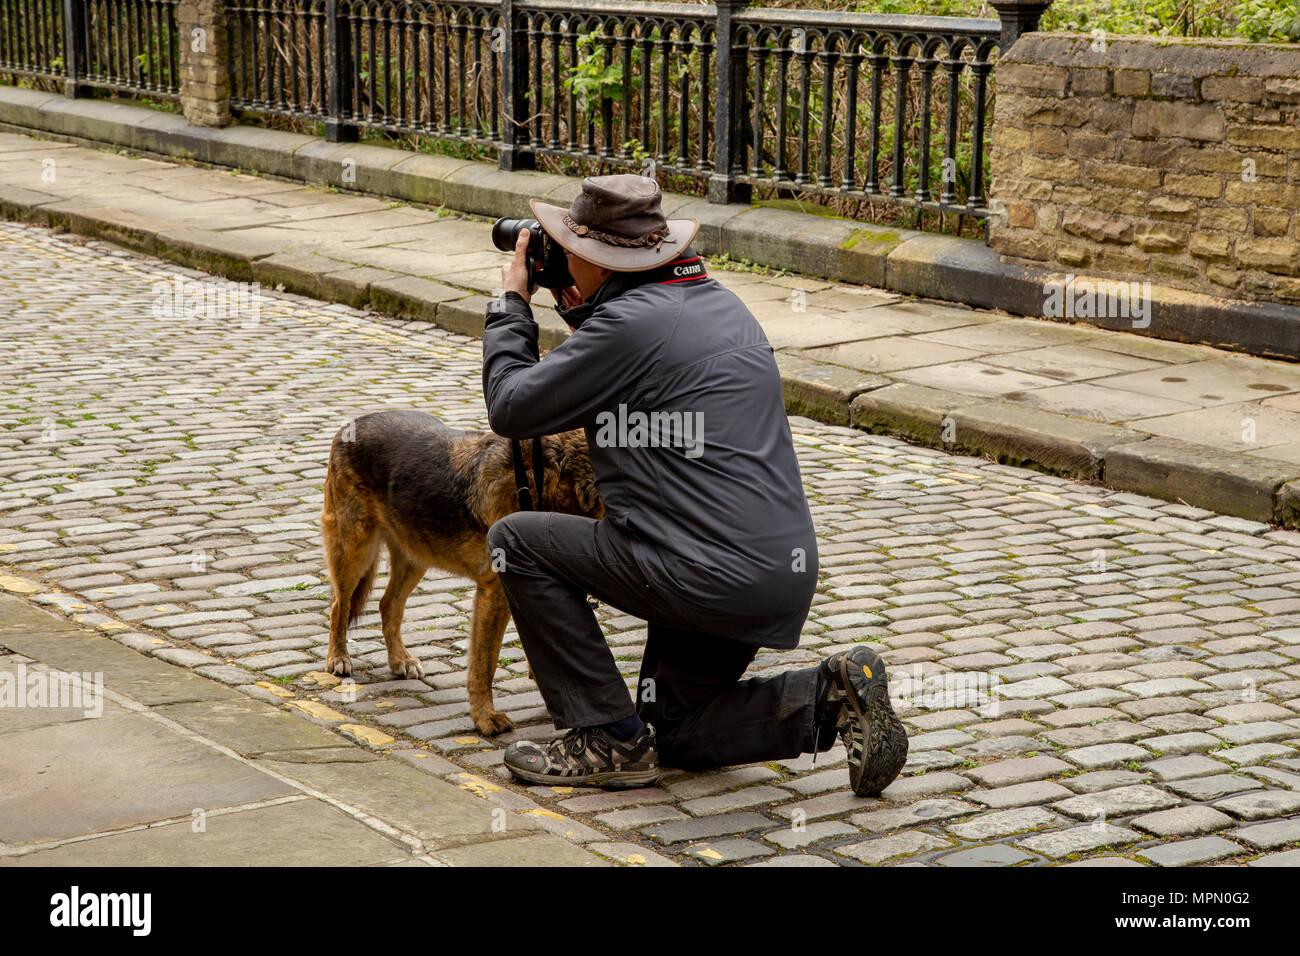 Ein Mann kniet auf einem Foto in Saltair, Yorkshire. Sein Hund steht neben ihm. Stockbild